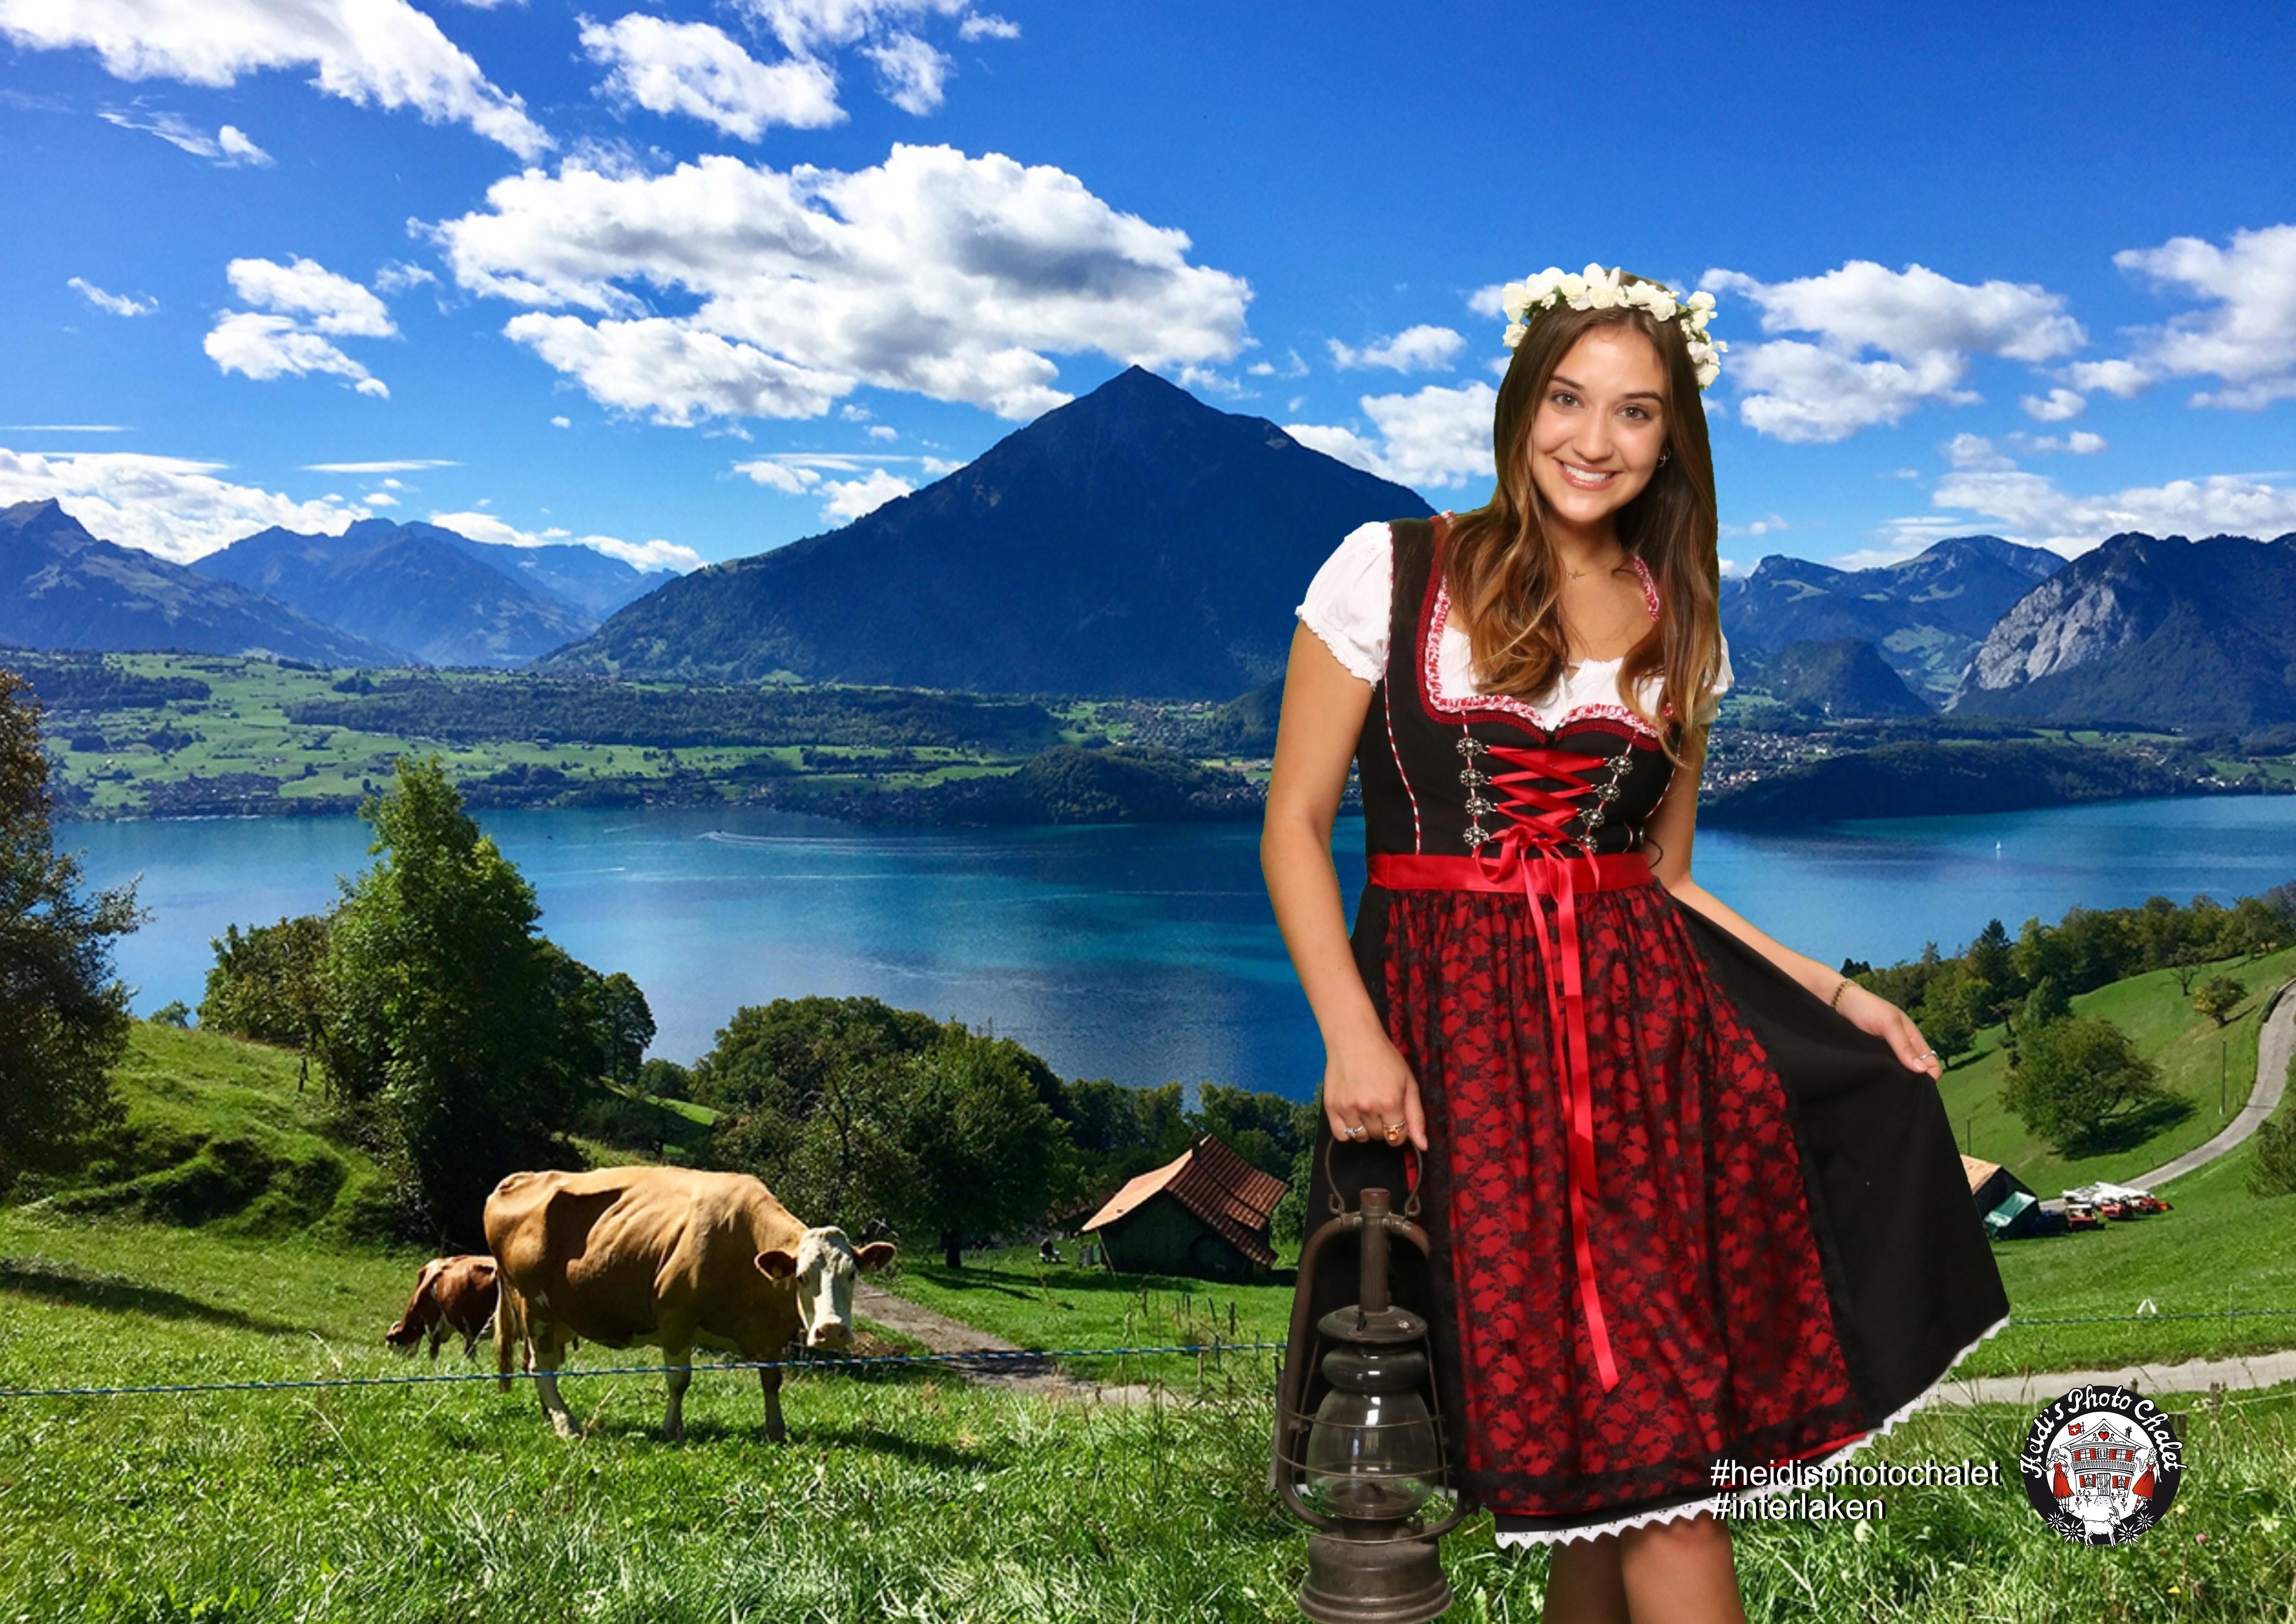 Fotospass für alle bei Heidi's